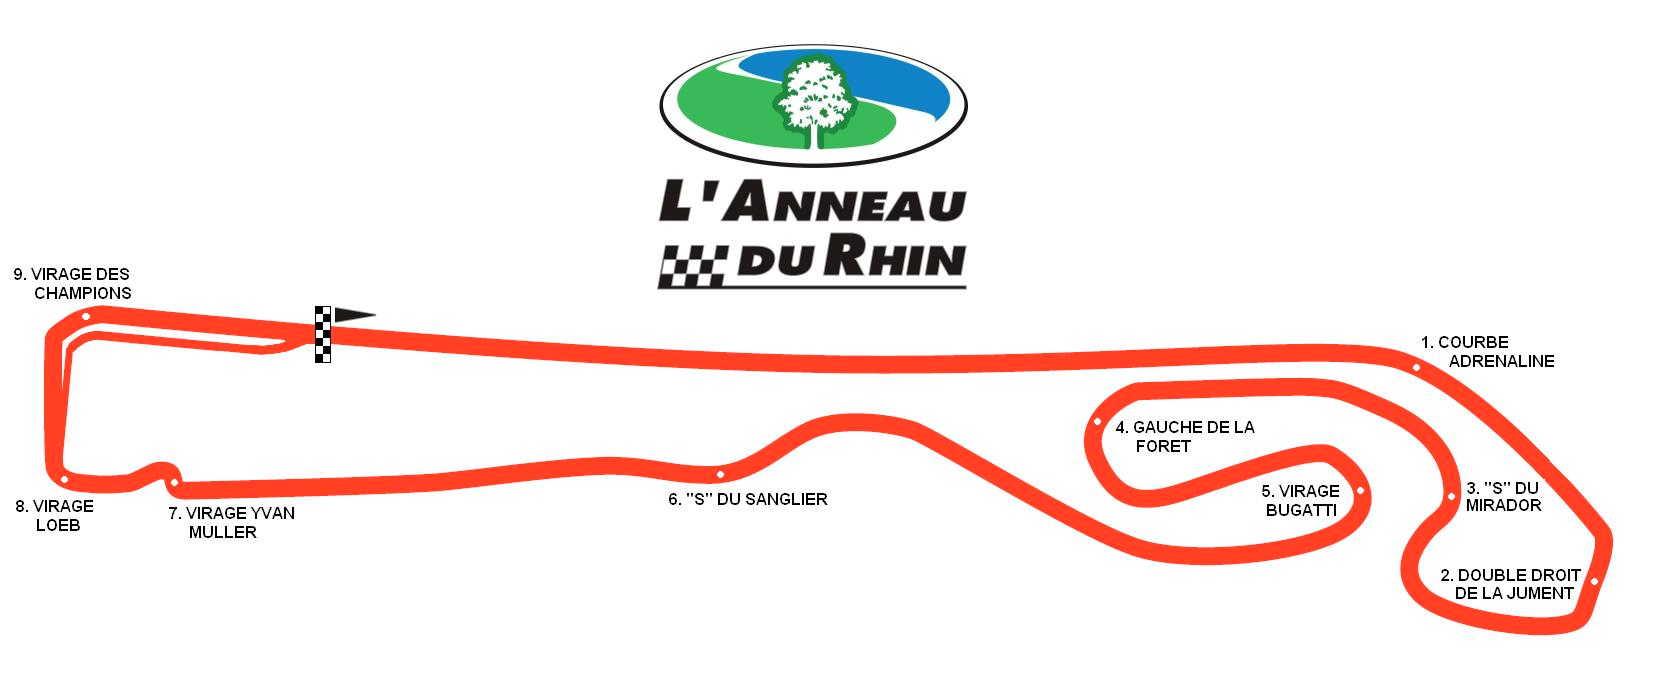 Anneau du Rhin - Trackday's, Driftday's, Coaching's und vieles mehr...